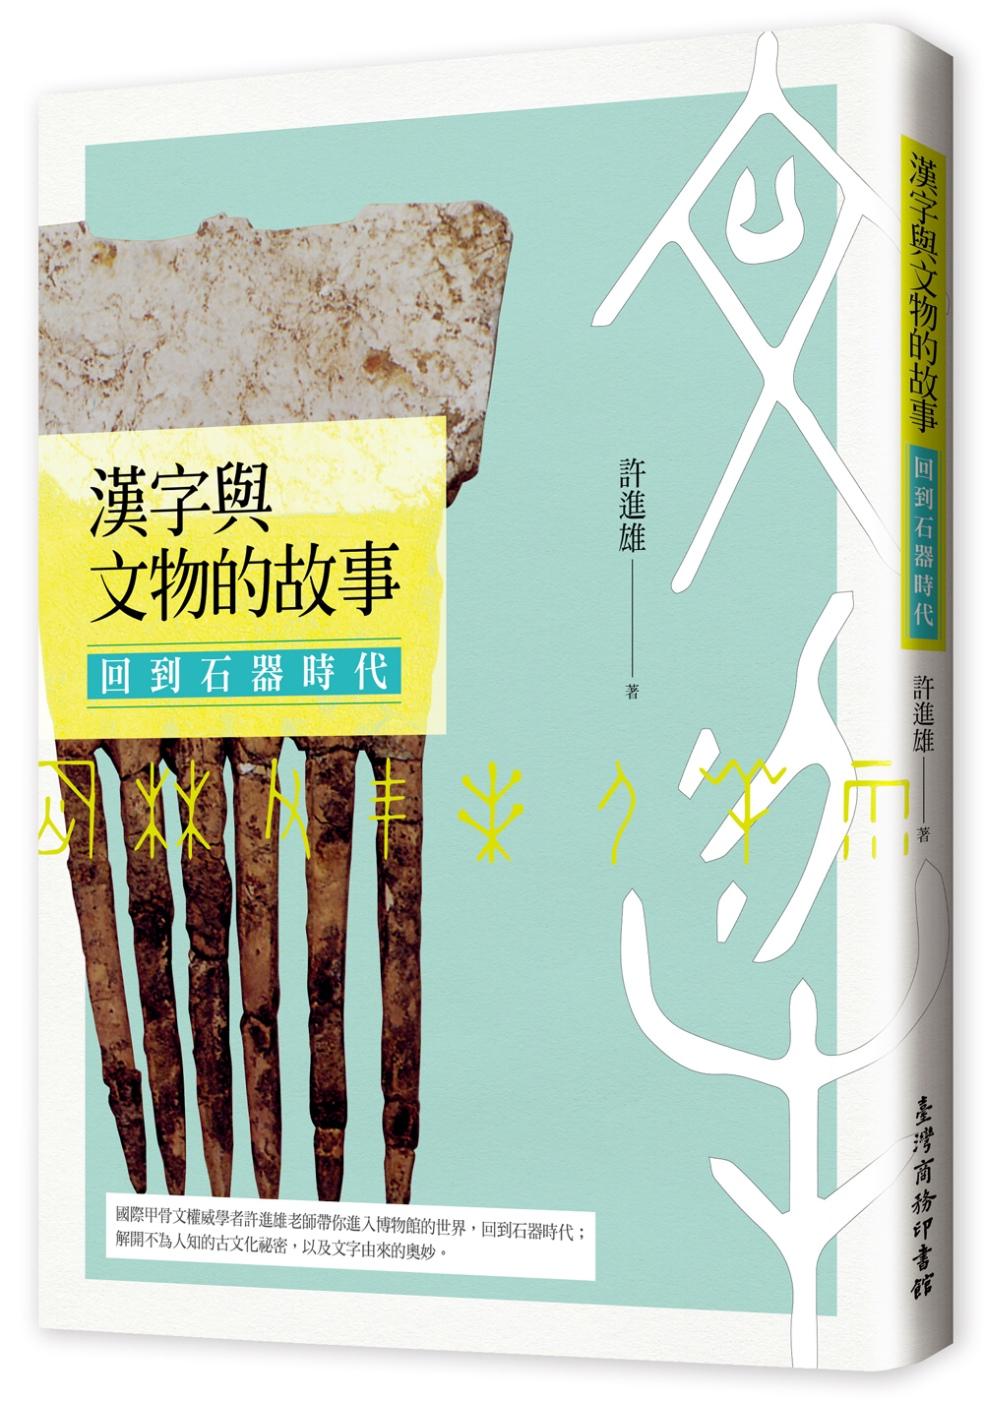 ◤博客來BOOKS◢ 暢銷書榜《推薦》漢字與文物的故事:回到石器時代